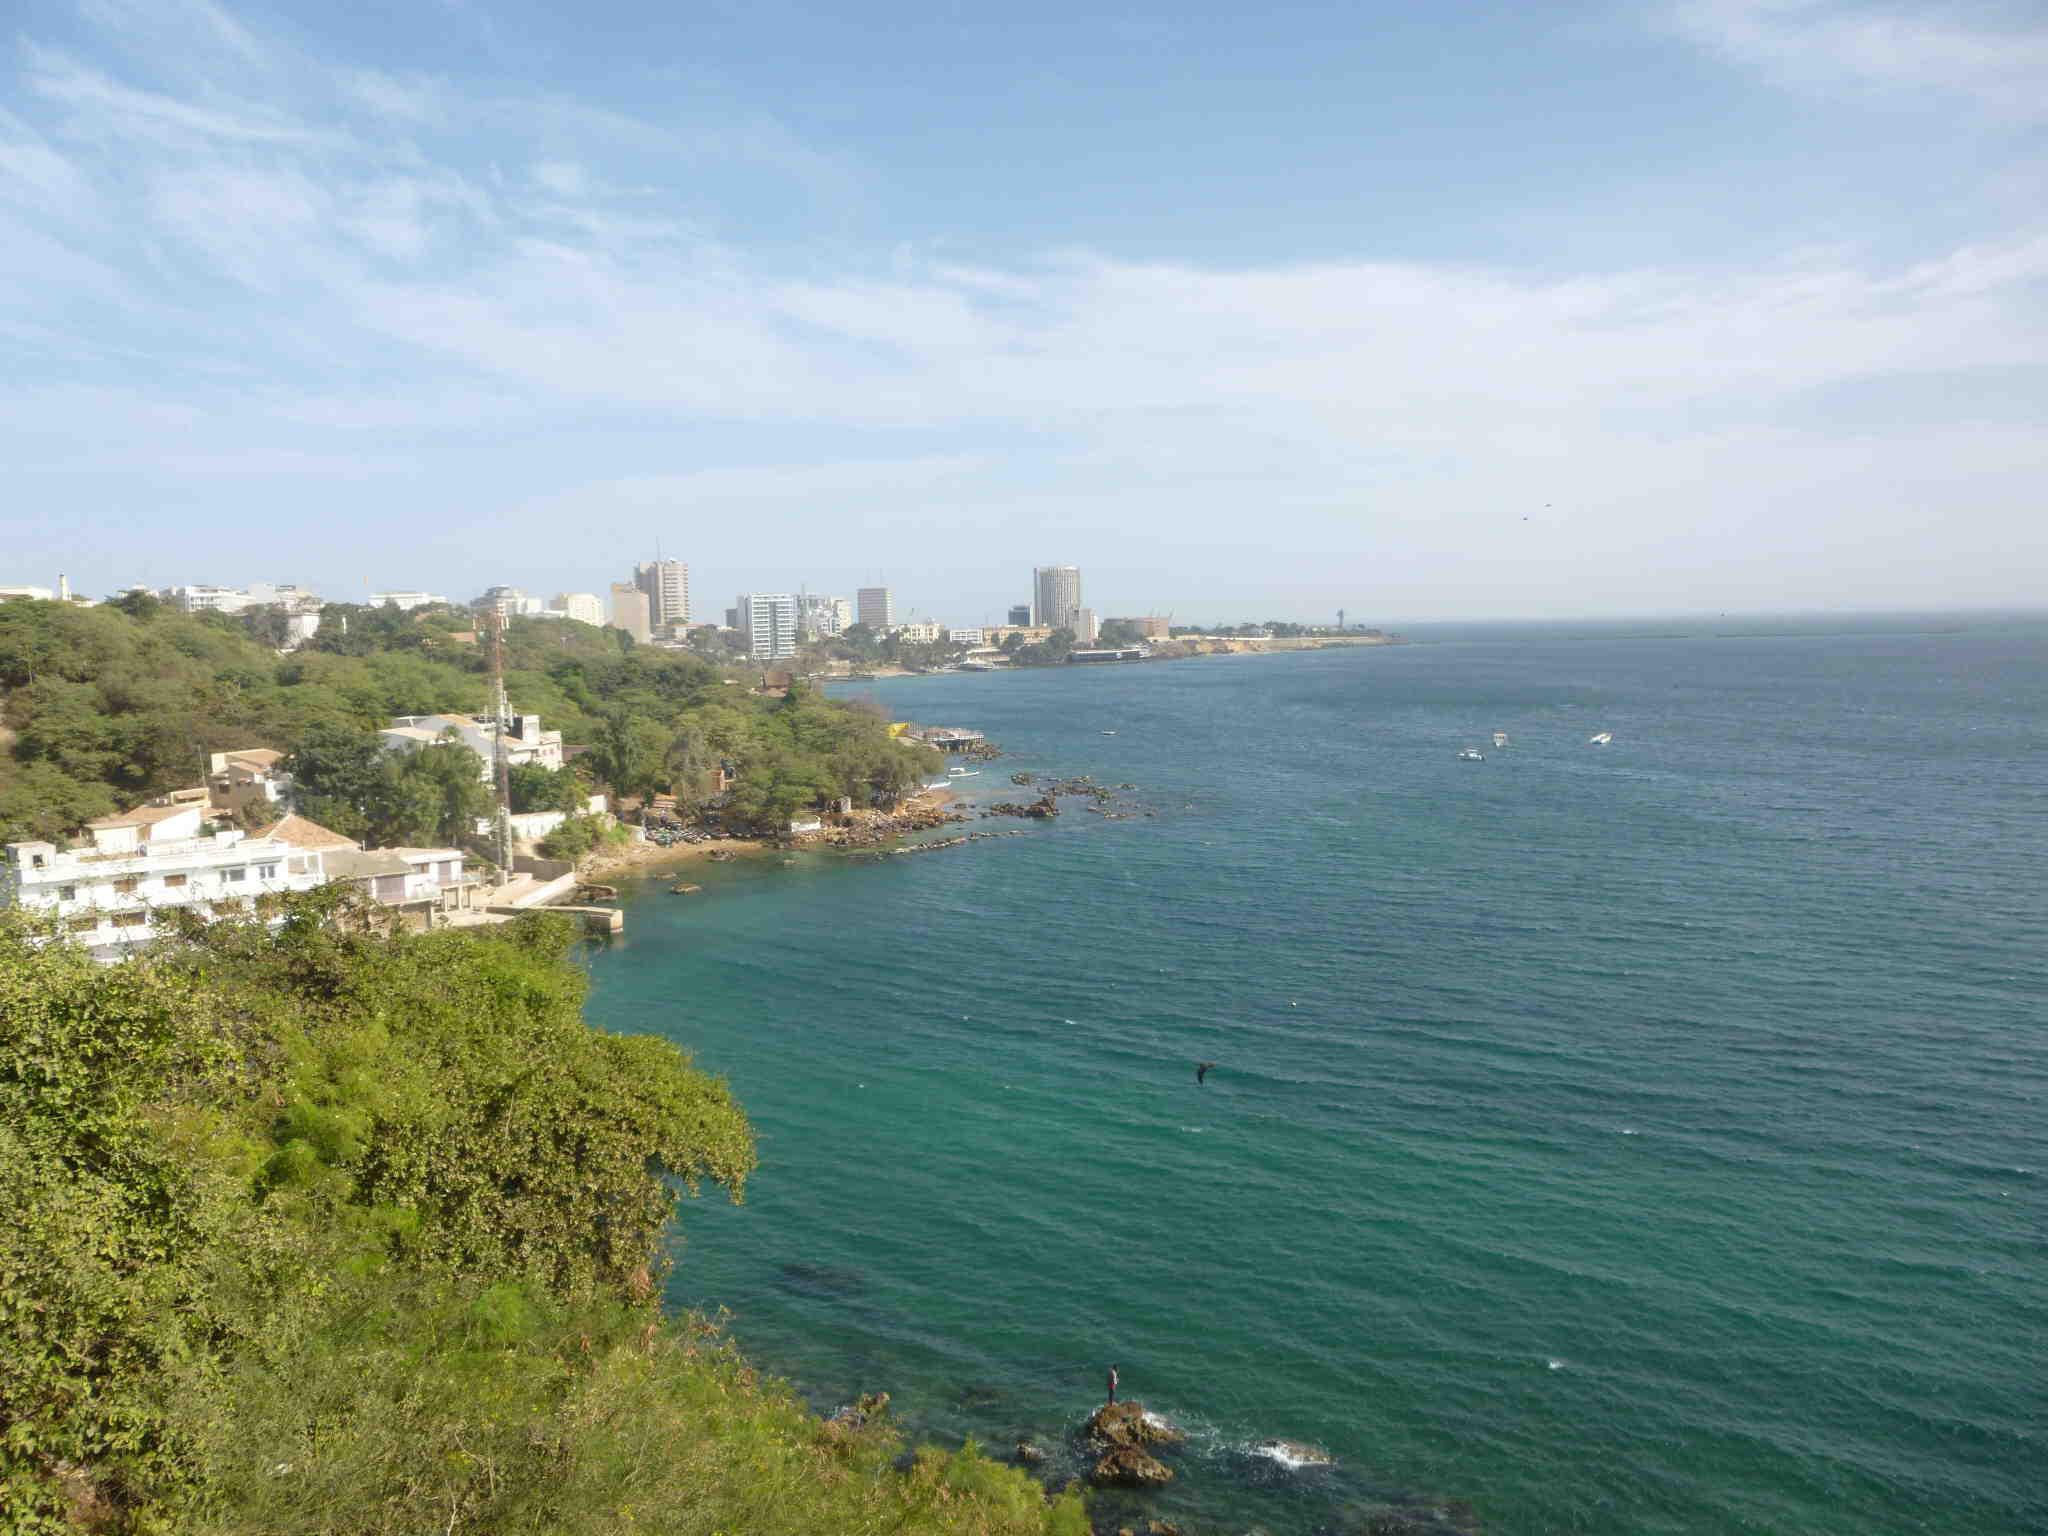 ダカールの海岸線。ダカールは、西アフリカの貿易の拠点として、発展してきました。